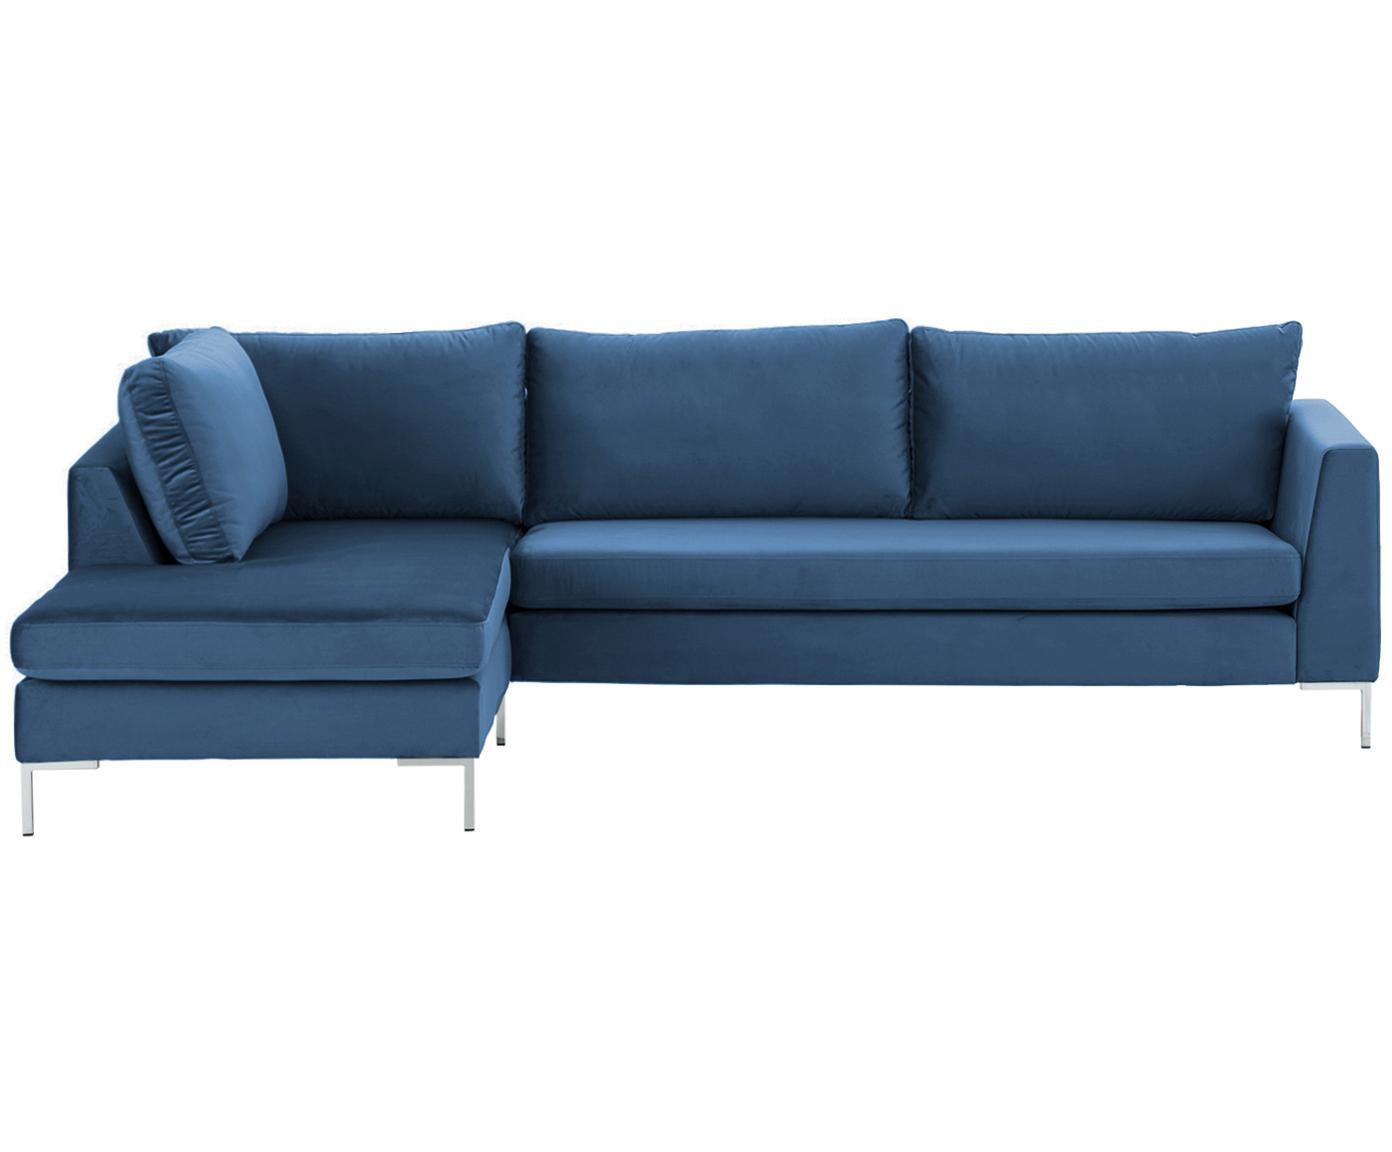 Sofa narożna z aksamitu Luna, Tapicerka: aksamit (100% poliester) , Stelaż: lite drewno bukowe, Nogi: metal galwanizowany, Niebieski, S 280 x G 184 cm